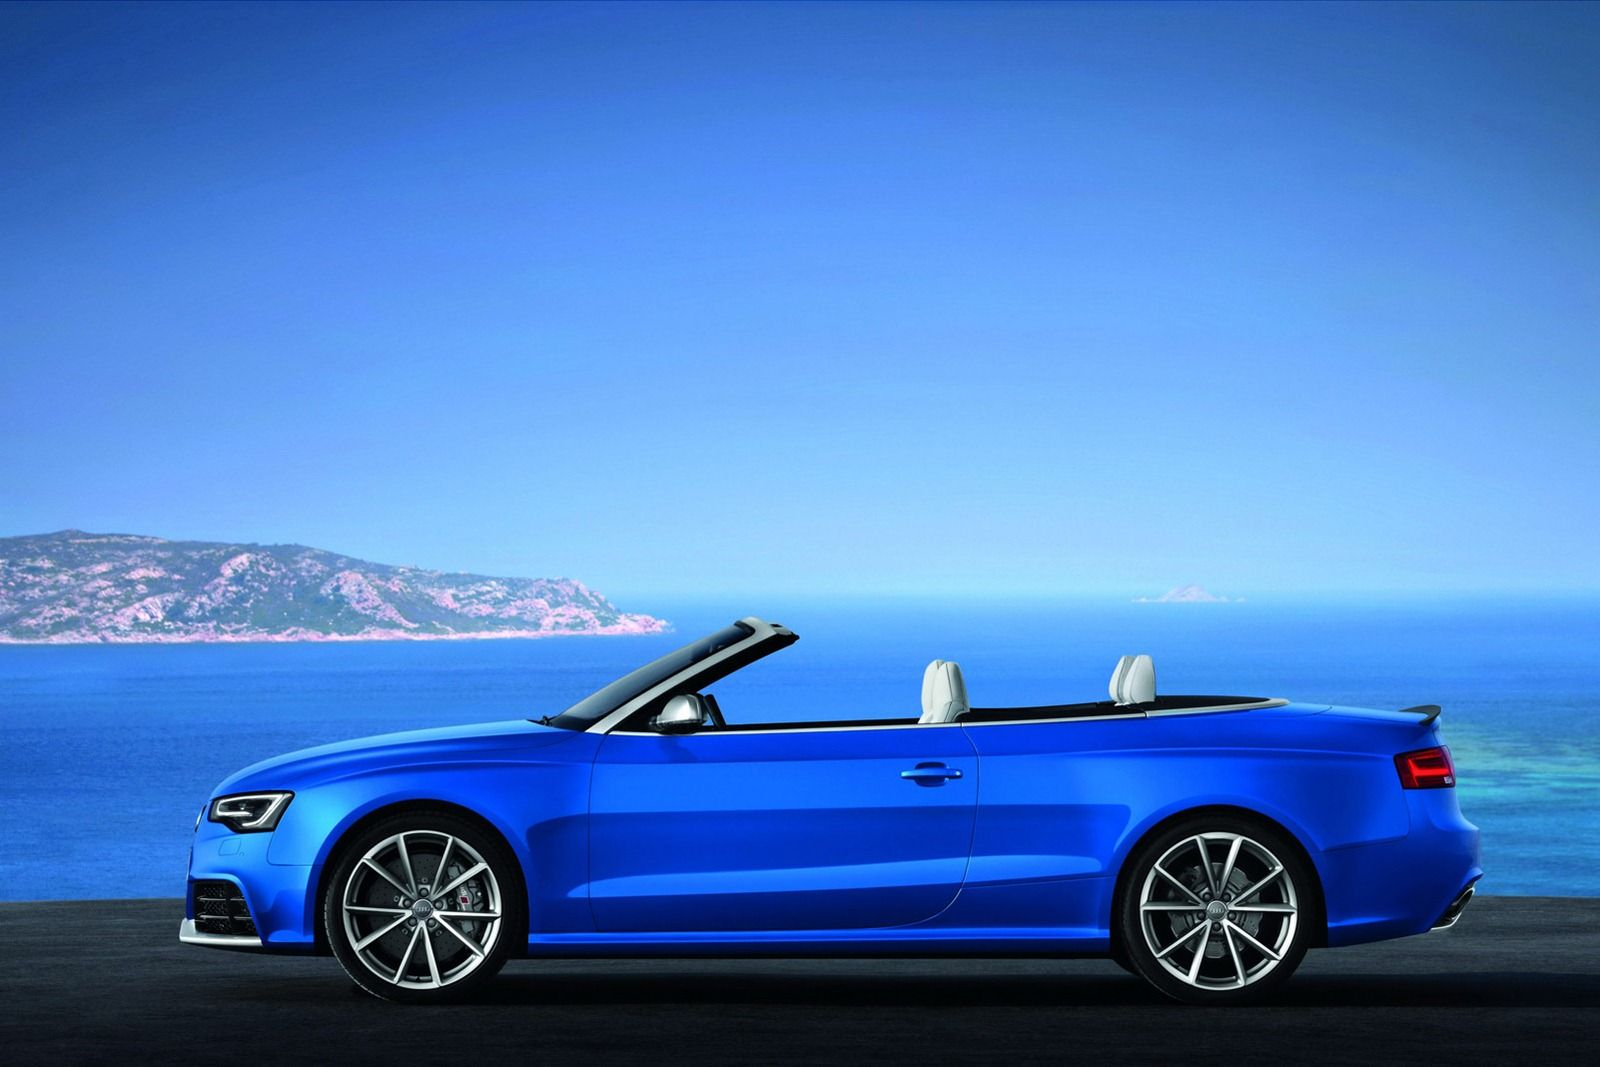 Audi Rs5 B8 Convertible 2013 Voertuigen Blauw